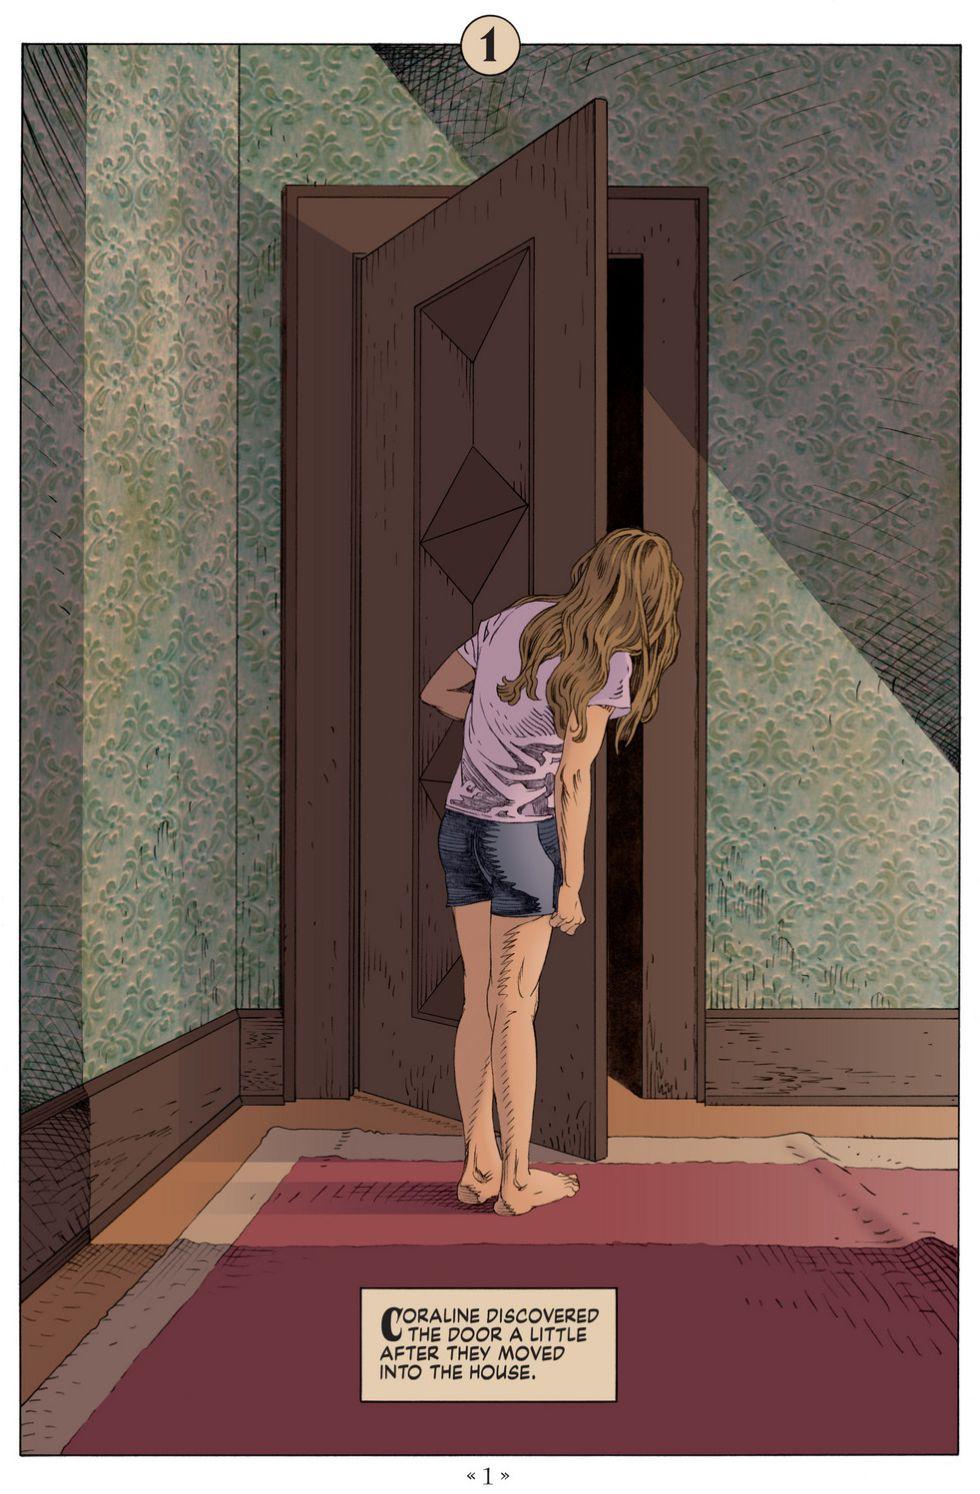 Coraline opening mysterious door: spooky comics